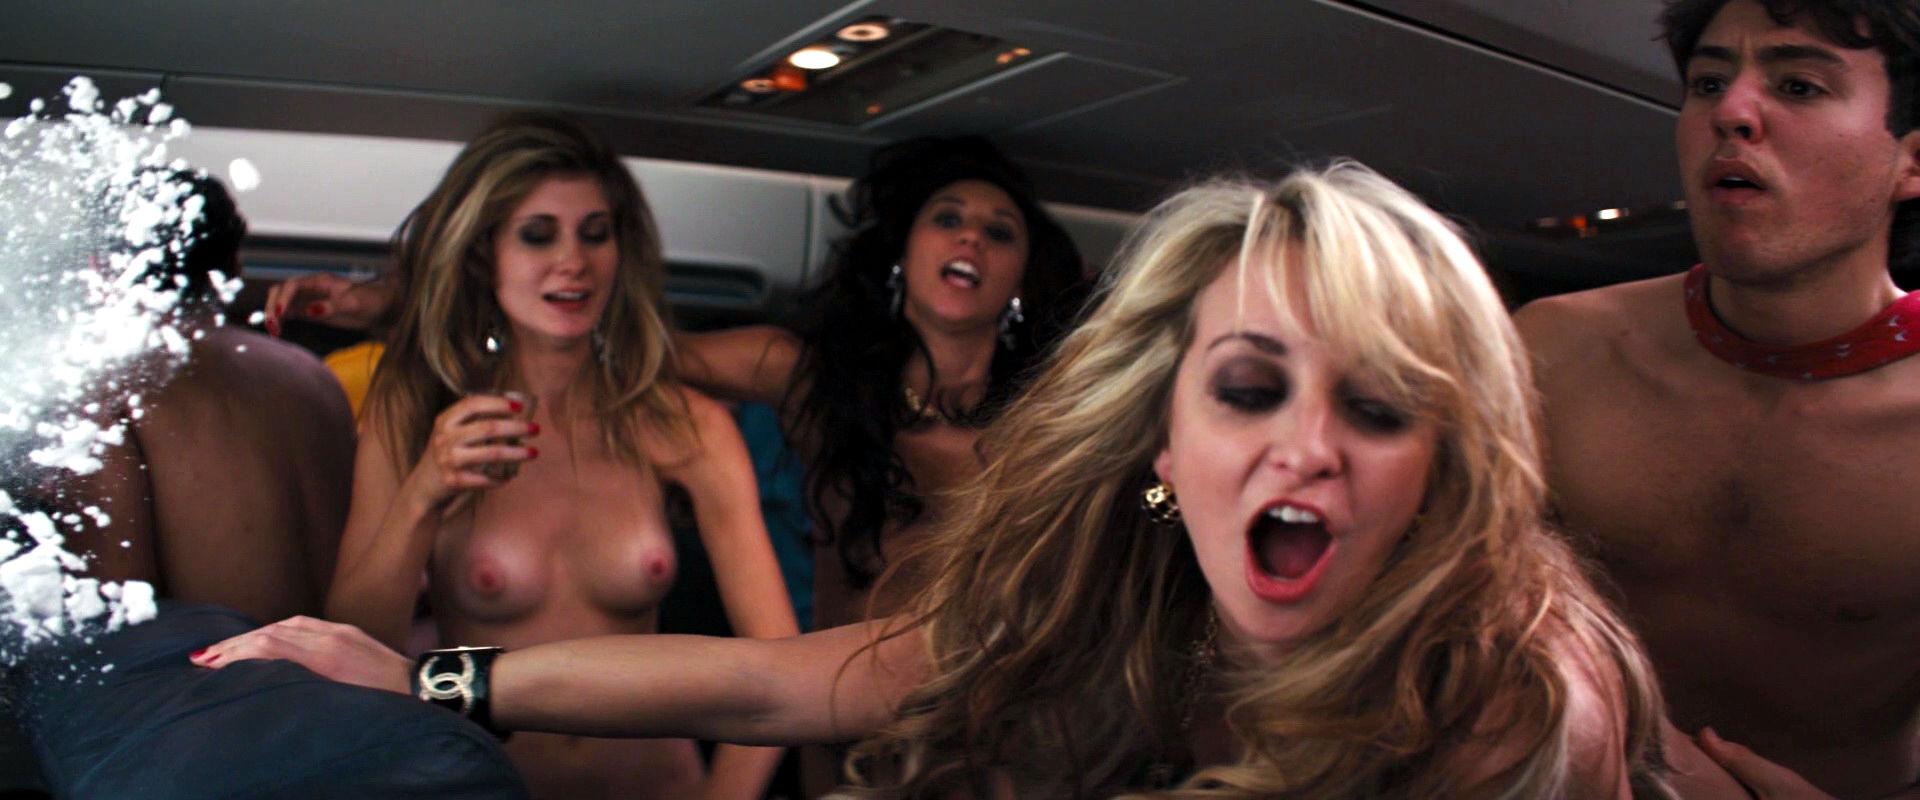 Порно фильм рискованные моменты